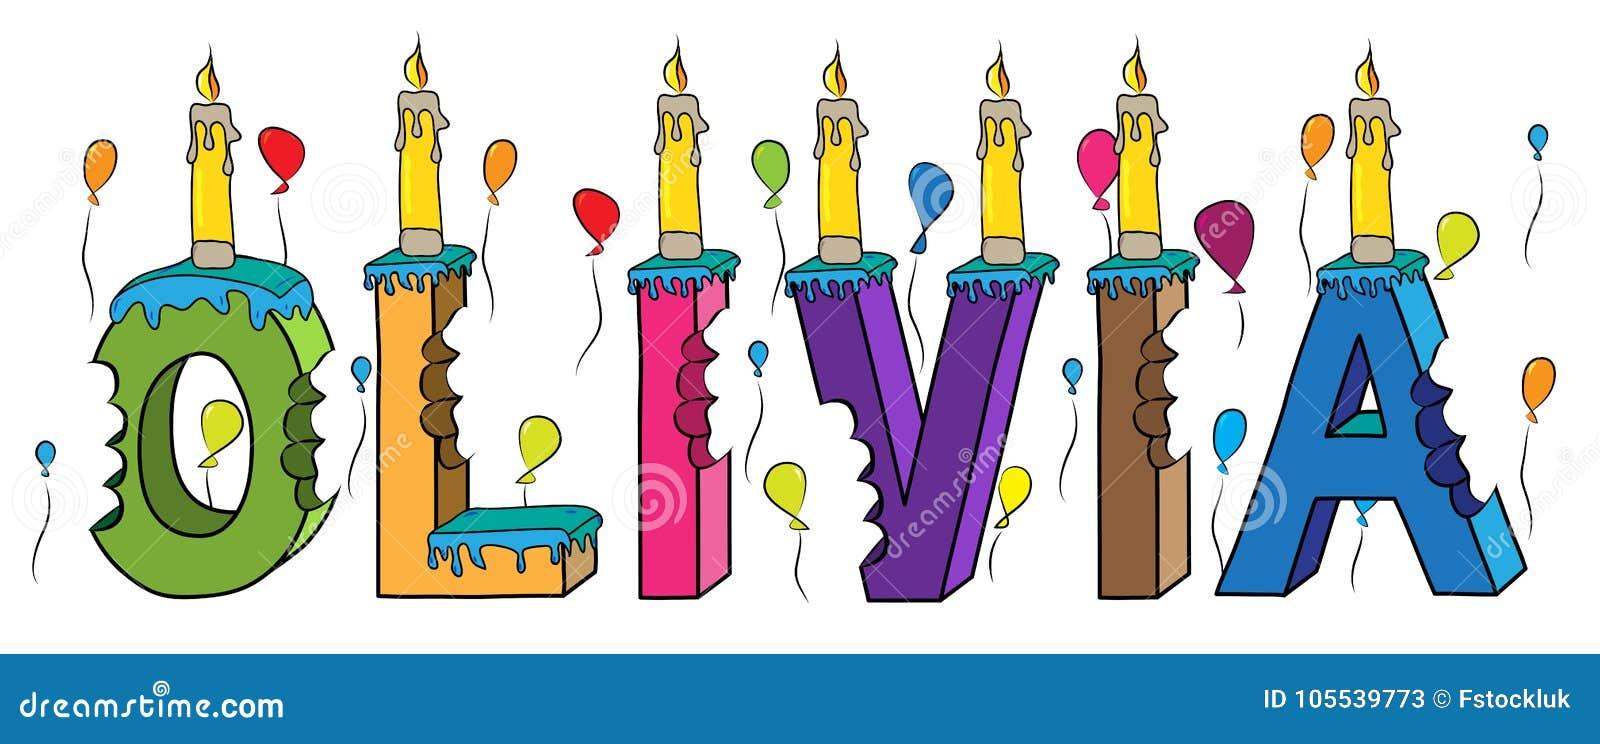 Bolo de aniversário colorido mordido nome da rotulação 3d de Olivia com velas e balões